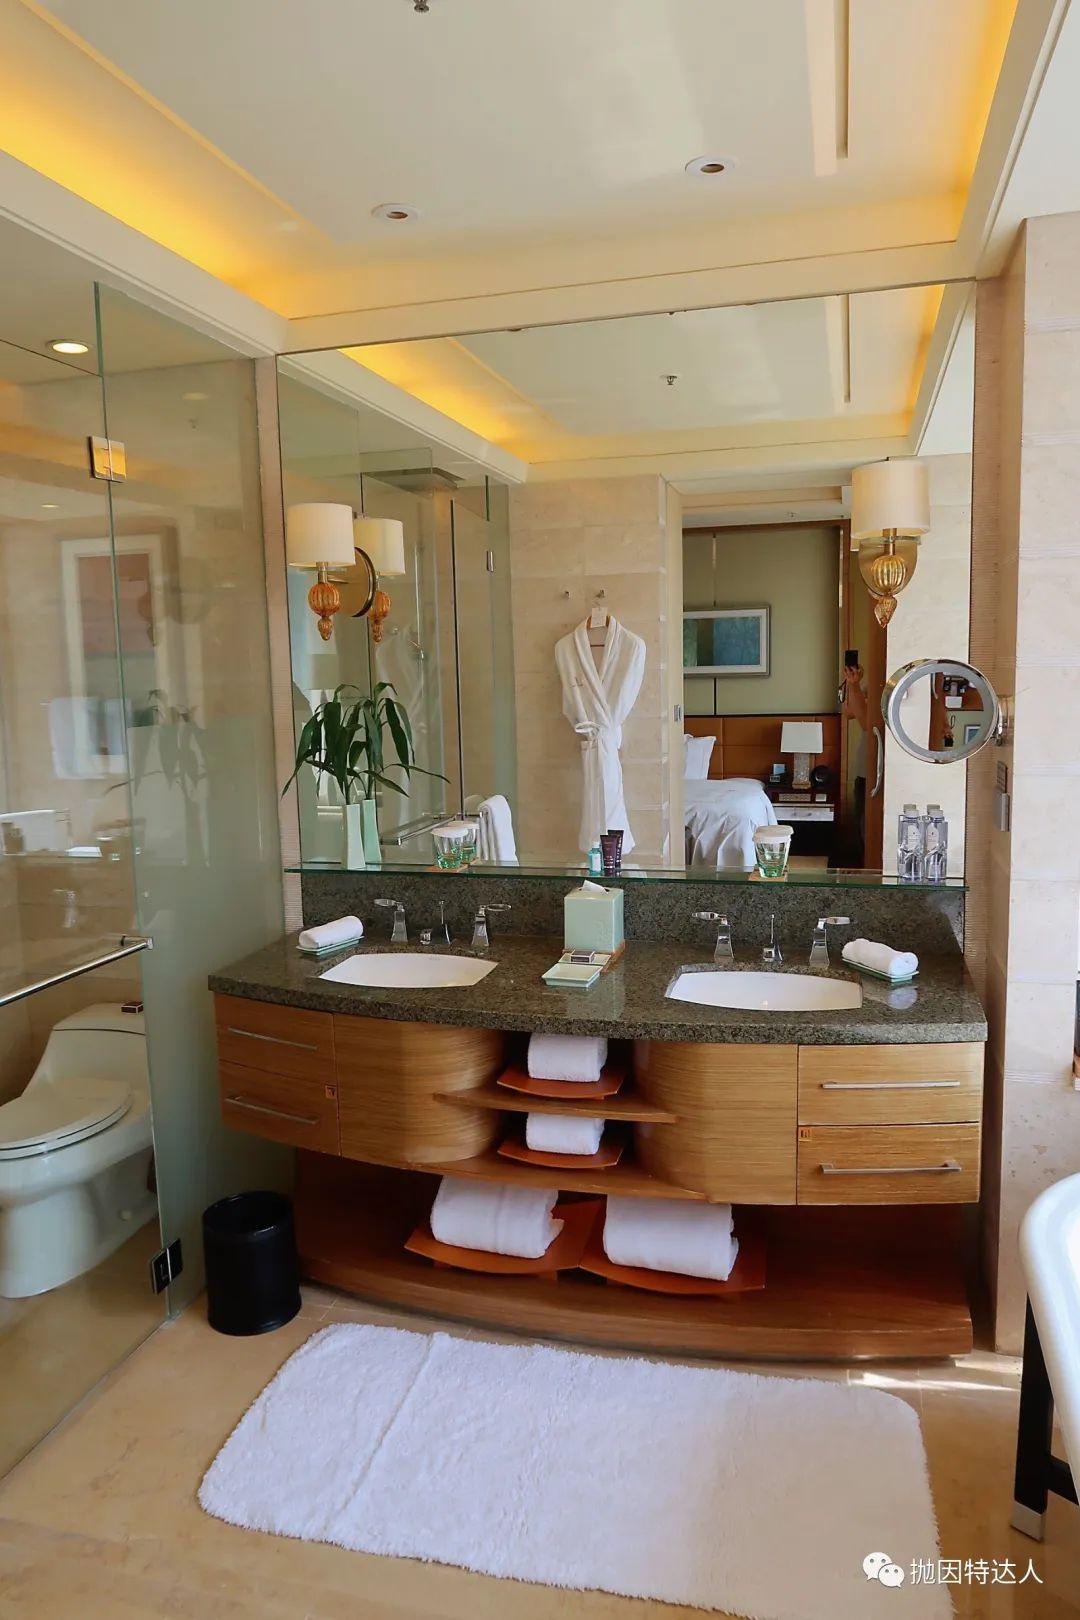 《丽思卡尔顿行政酒廊初体验 - 深圳星河丽思卡尔顿酒店入住体验报告》